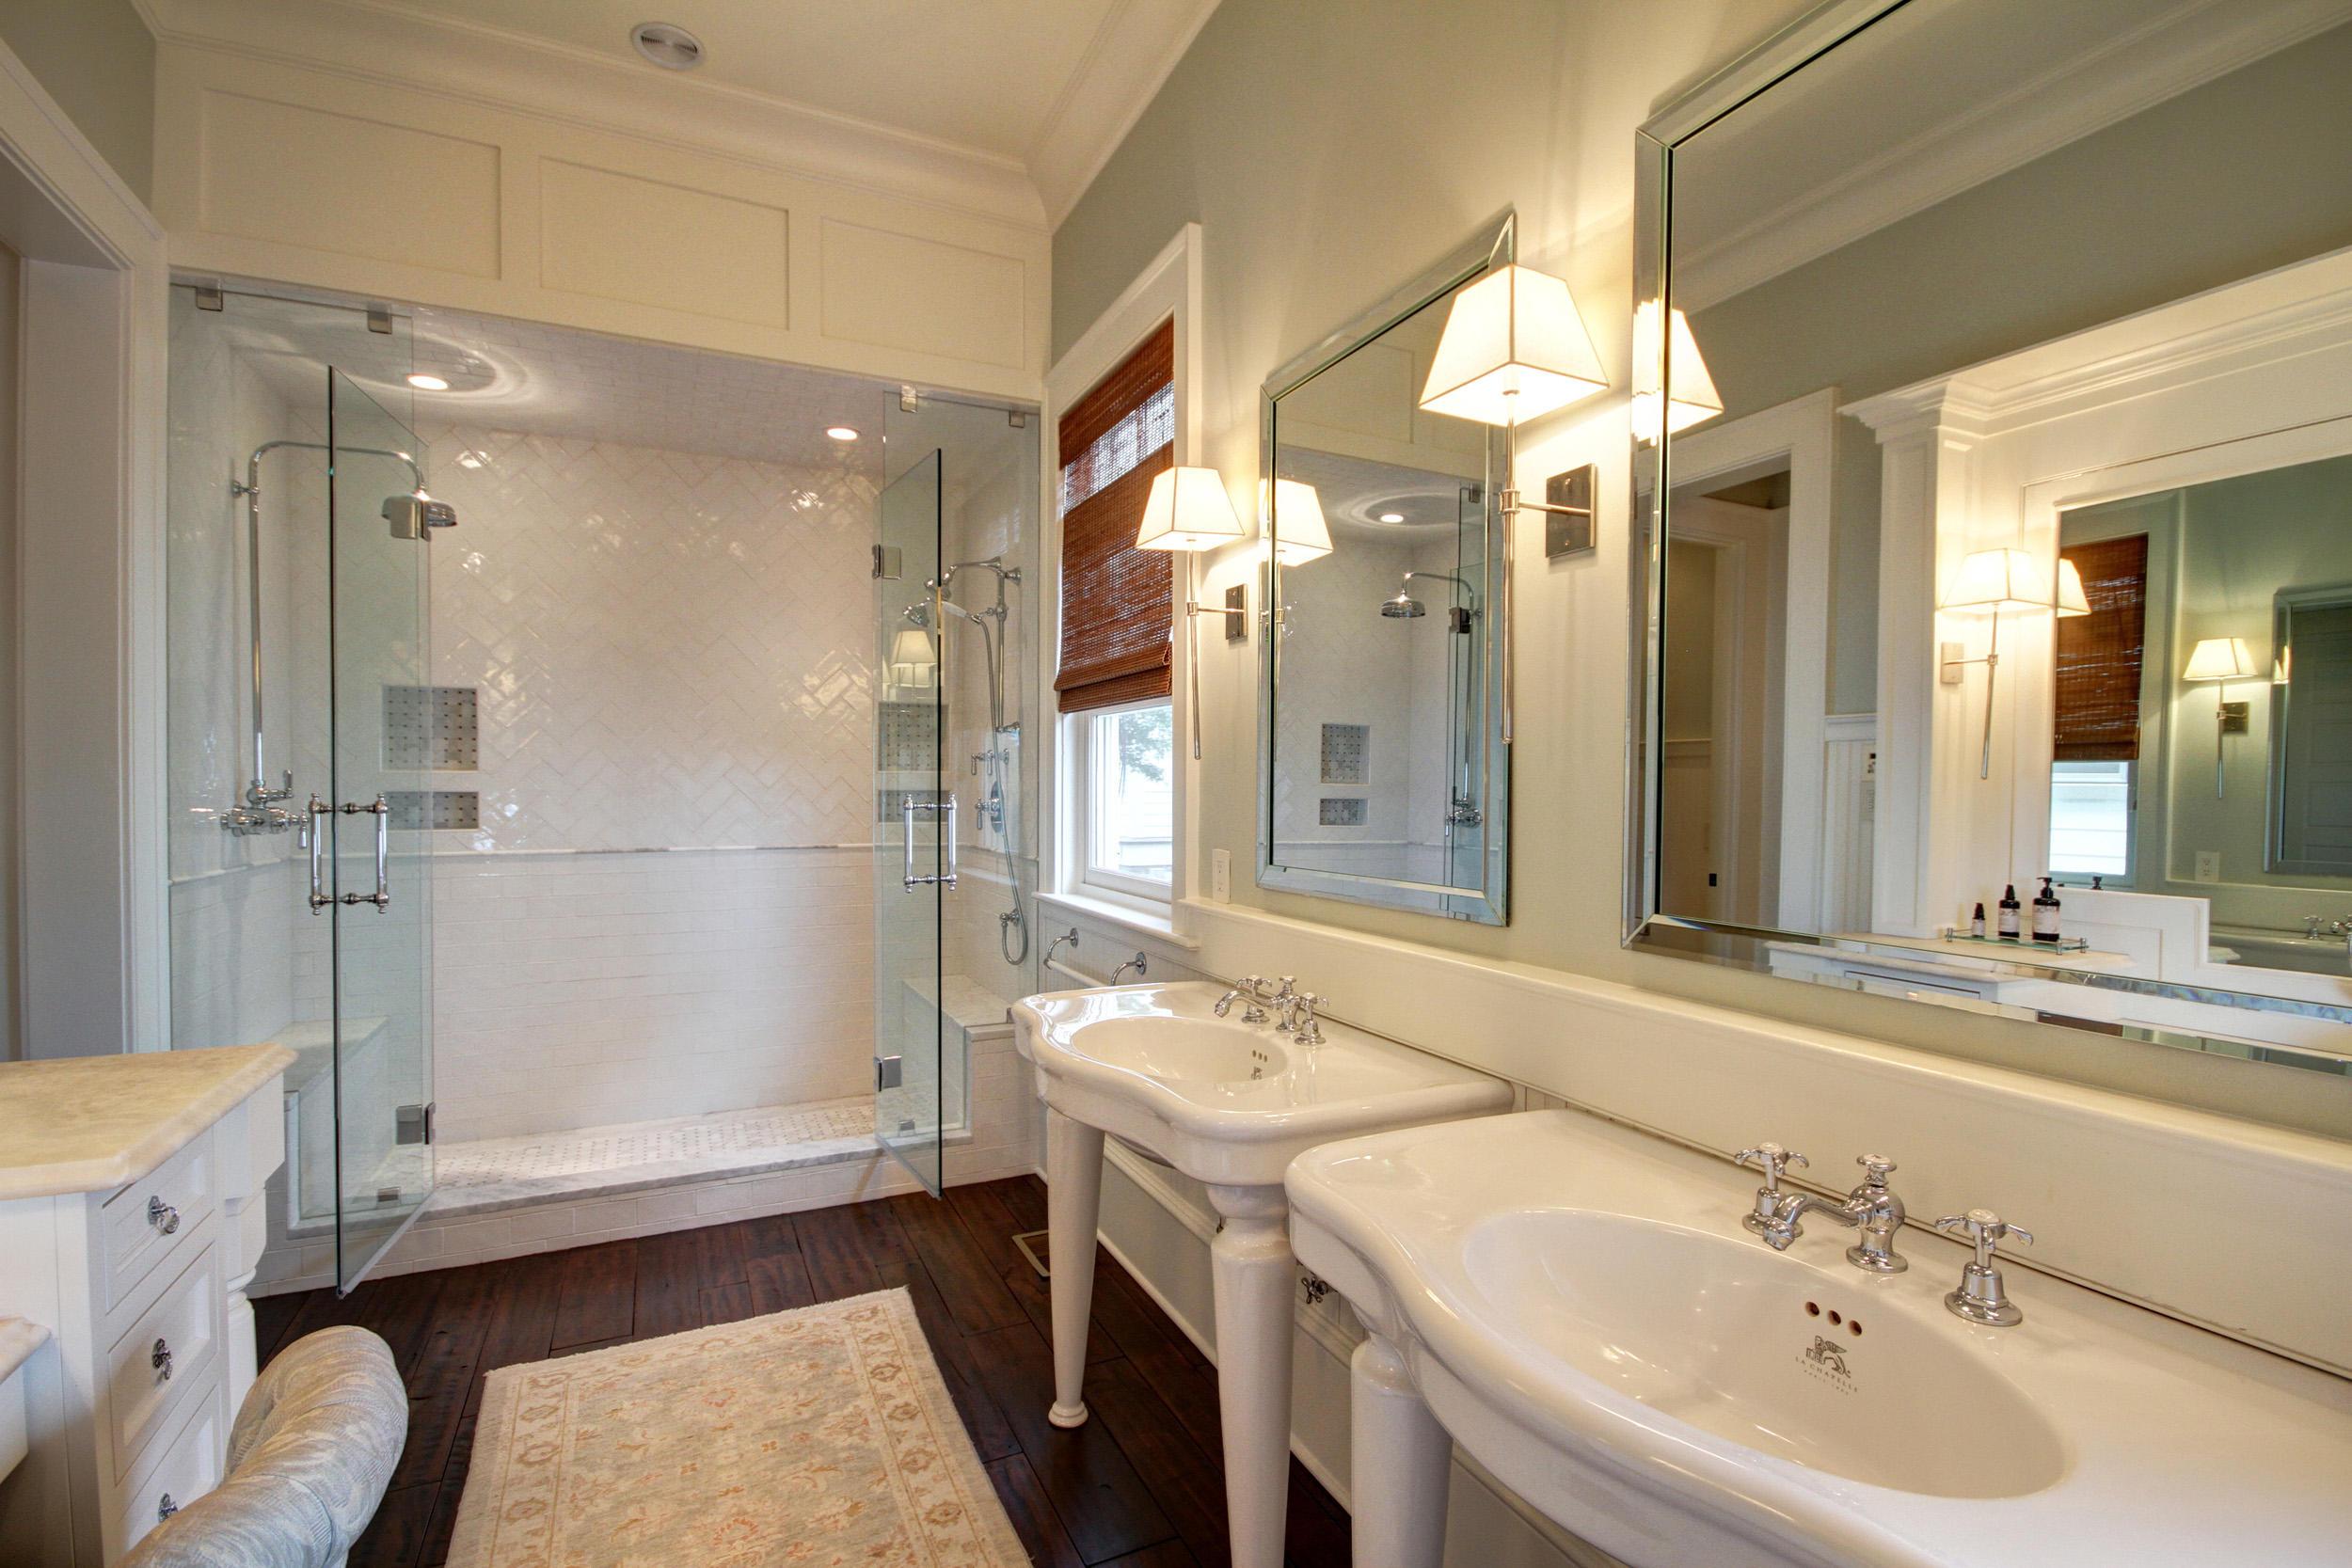 Belle Hall Homes For Sale - 821 Bridgetown Pass, Mount Pleasant, SC - 4